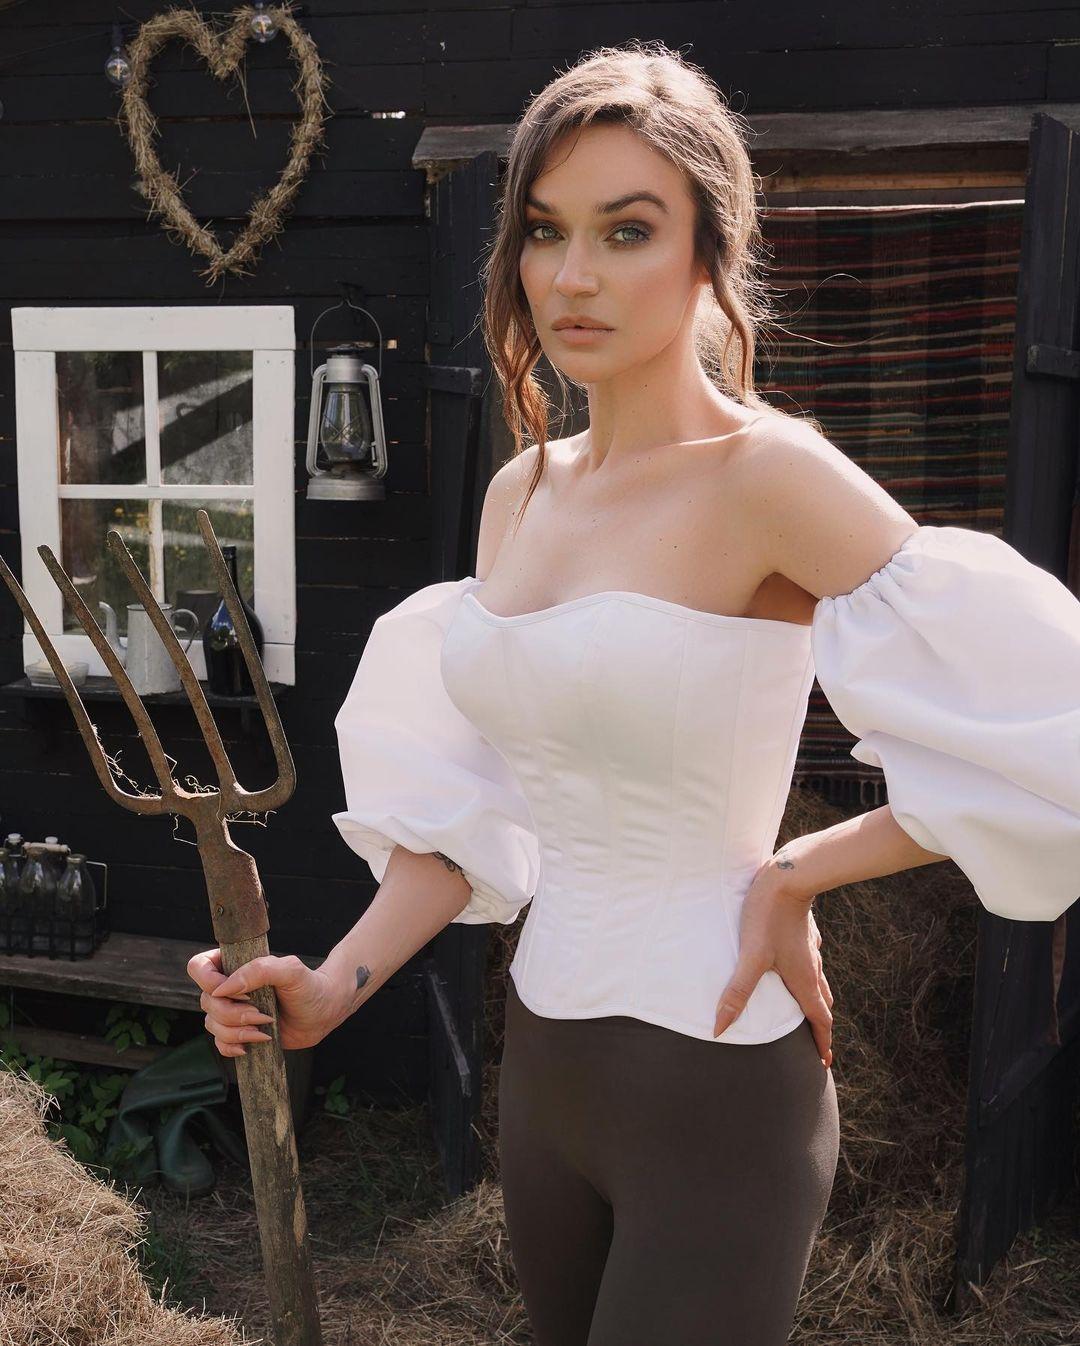 Алёна Водонаева устроила эротическую фотосессию в деревне